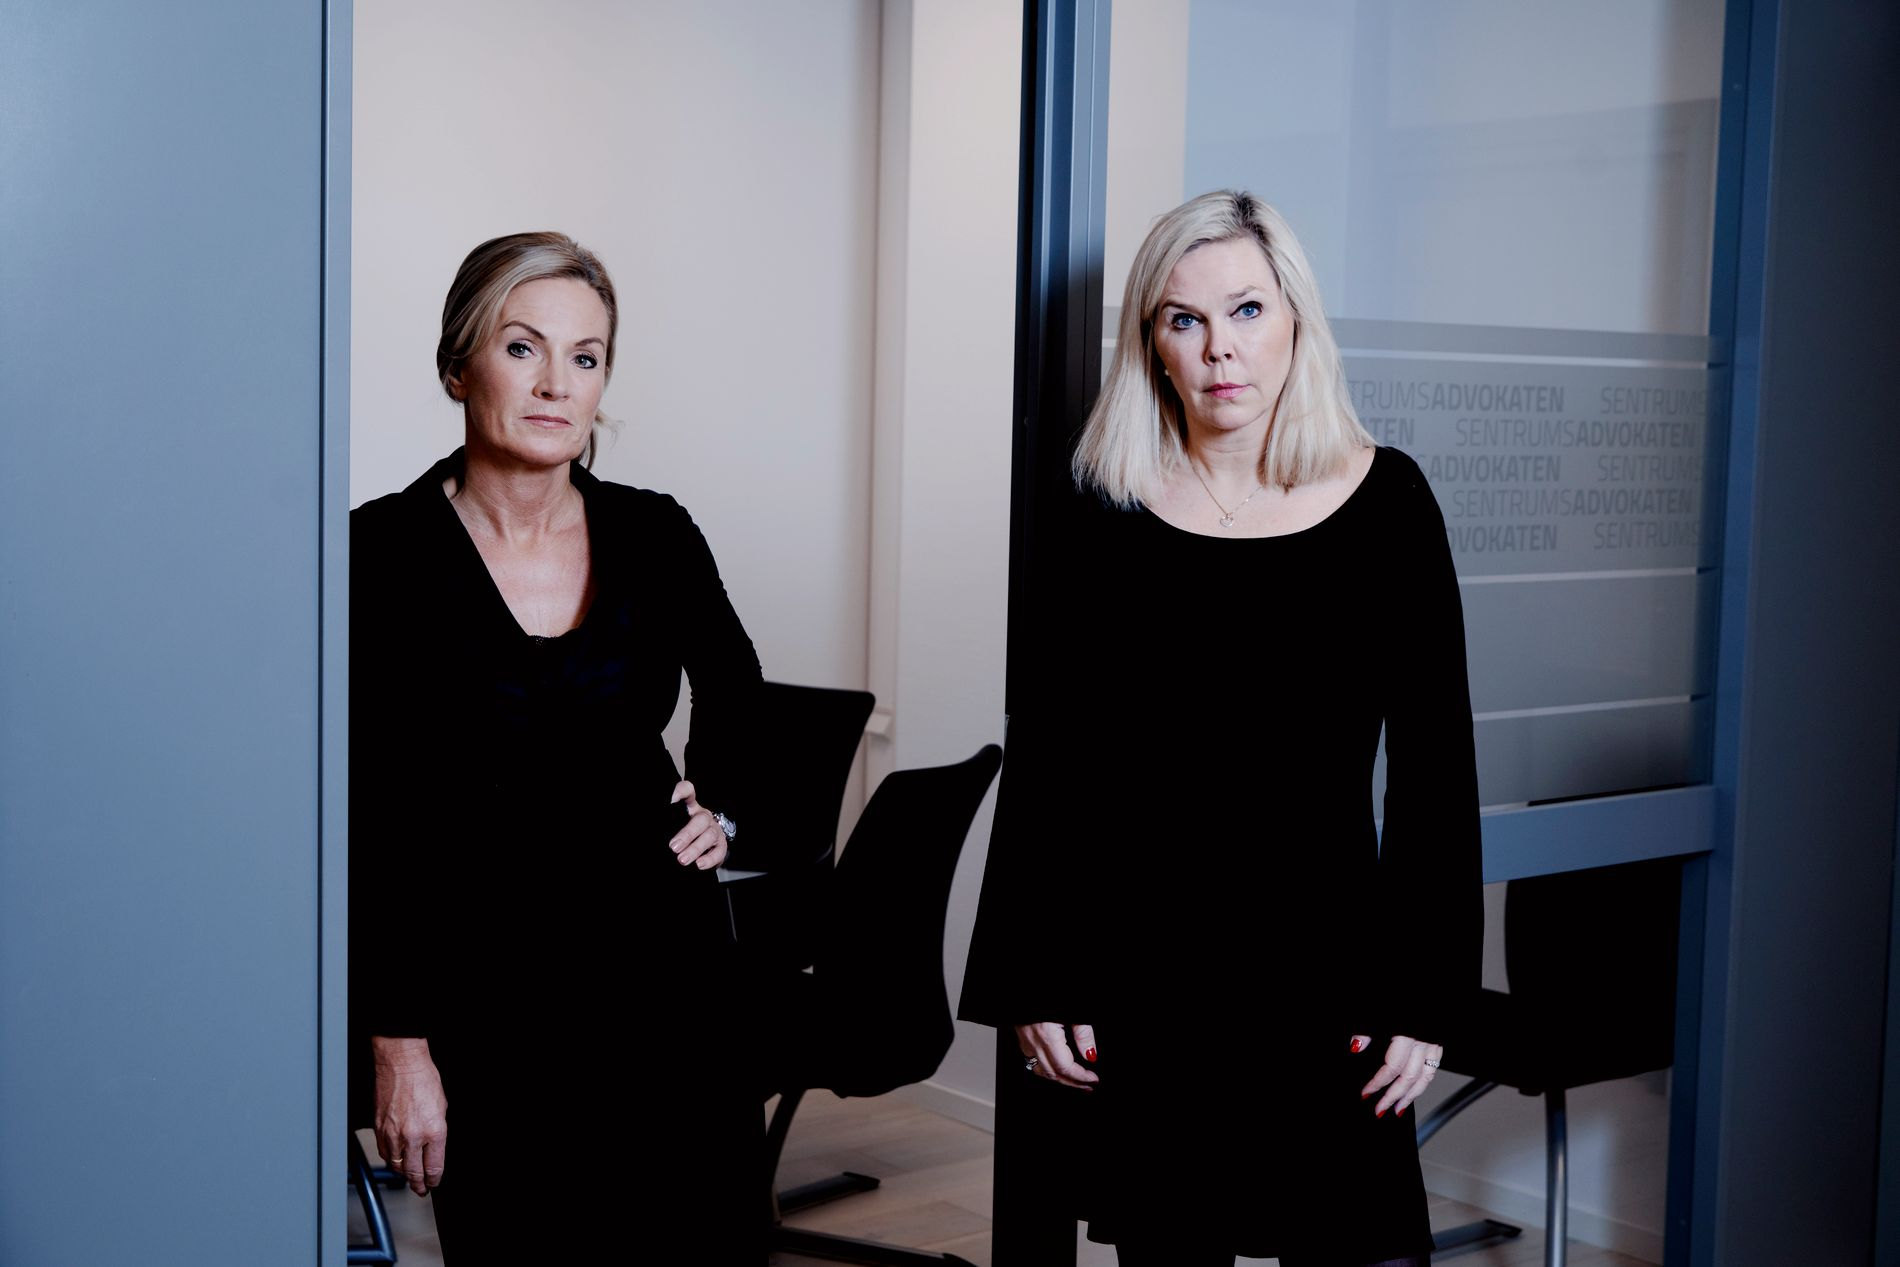 – OPPSIKTSVEKKENDE: Advokatene Ellen Eikeseth Mjøs og Beate Hamre deler ikke politiets oppfatning av Voldtektsgruppen som en suksess.